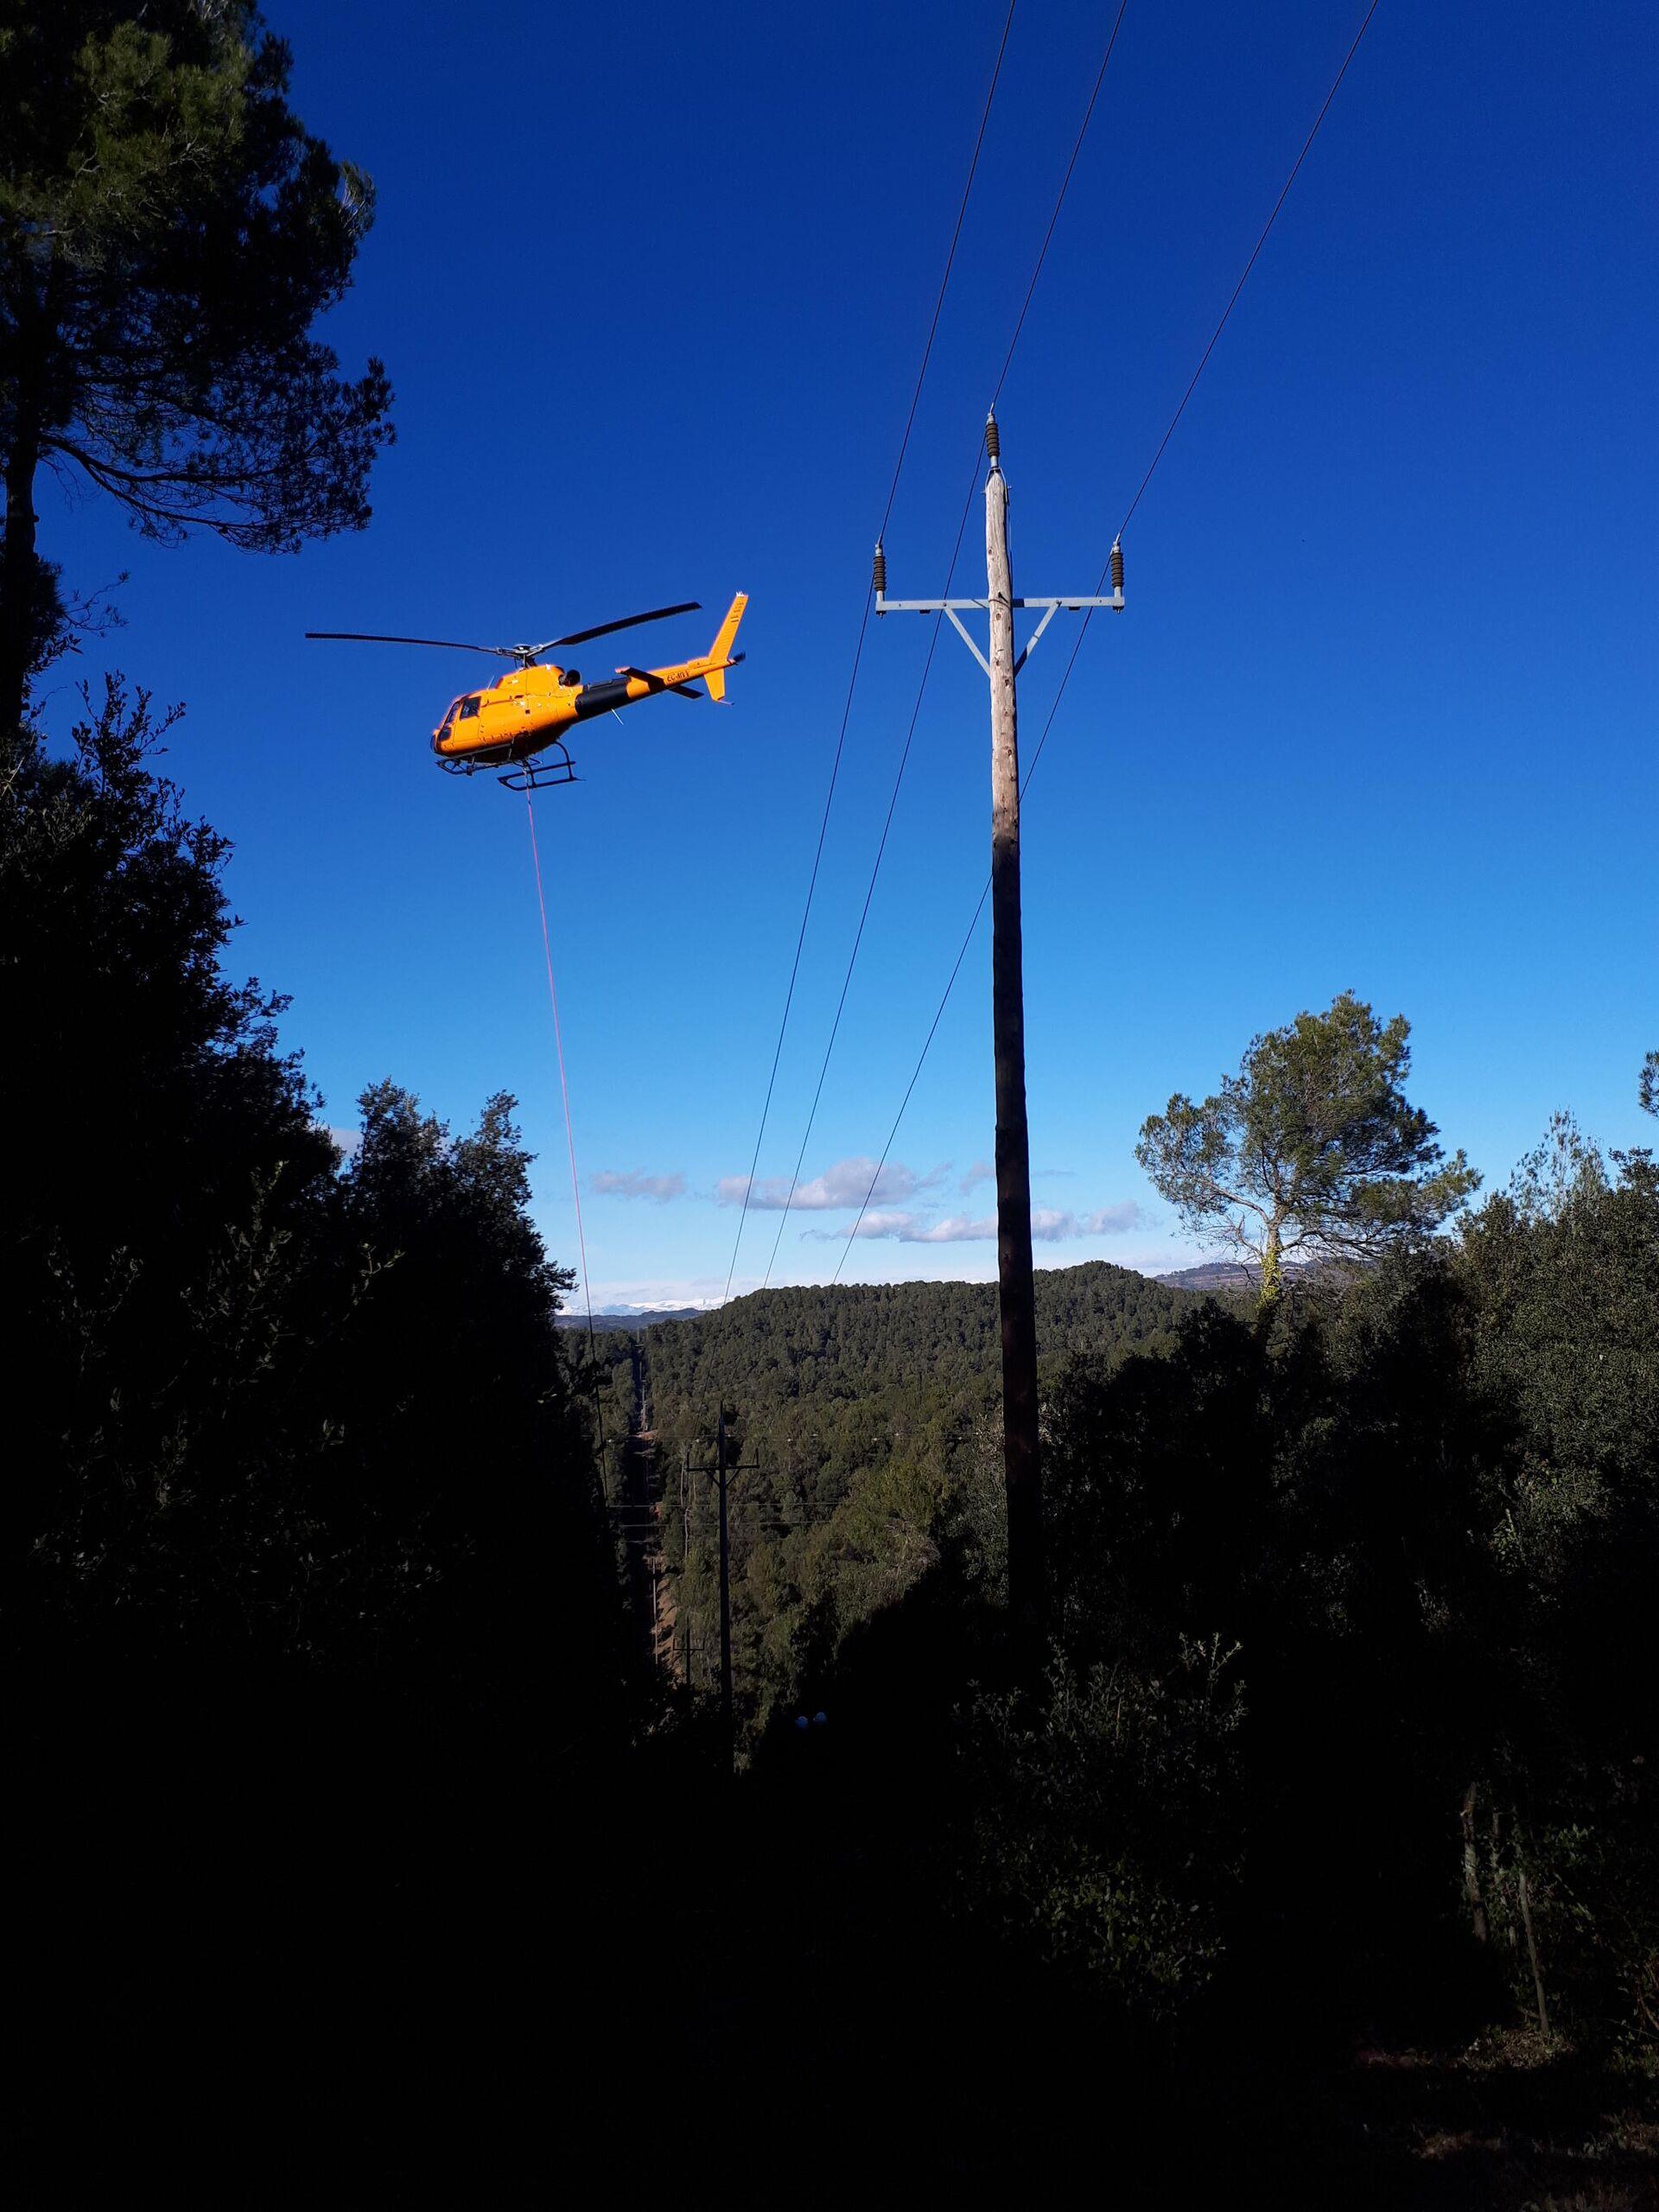 Helicóptero en labores de supervisión de líneas de distribución eléctrica - Sputnik Mundo, 1920, 17.07.2021